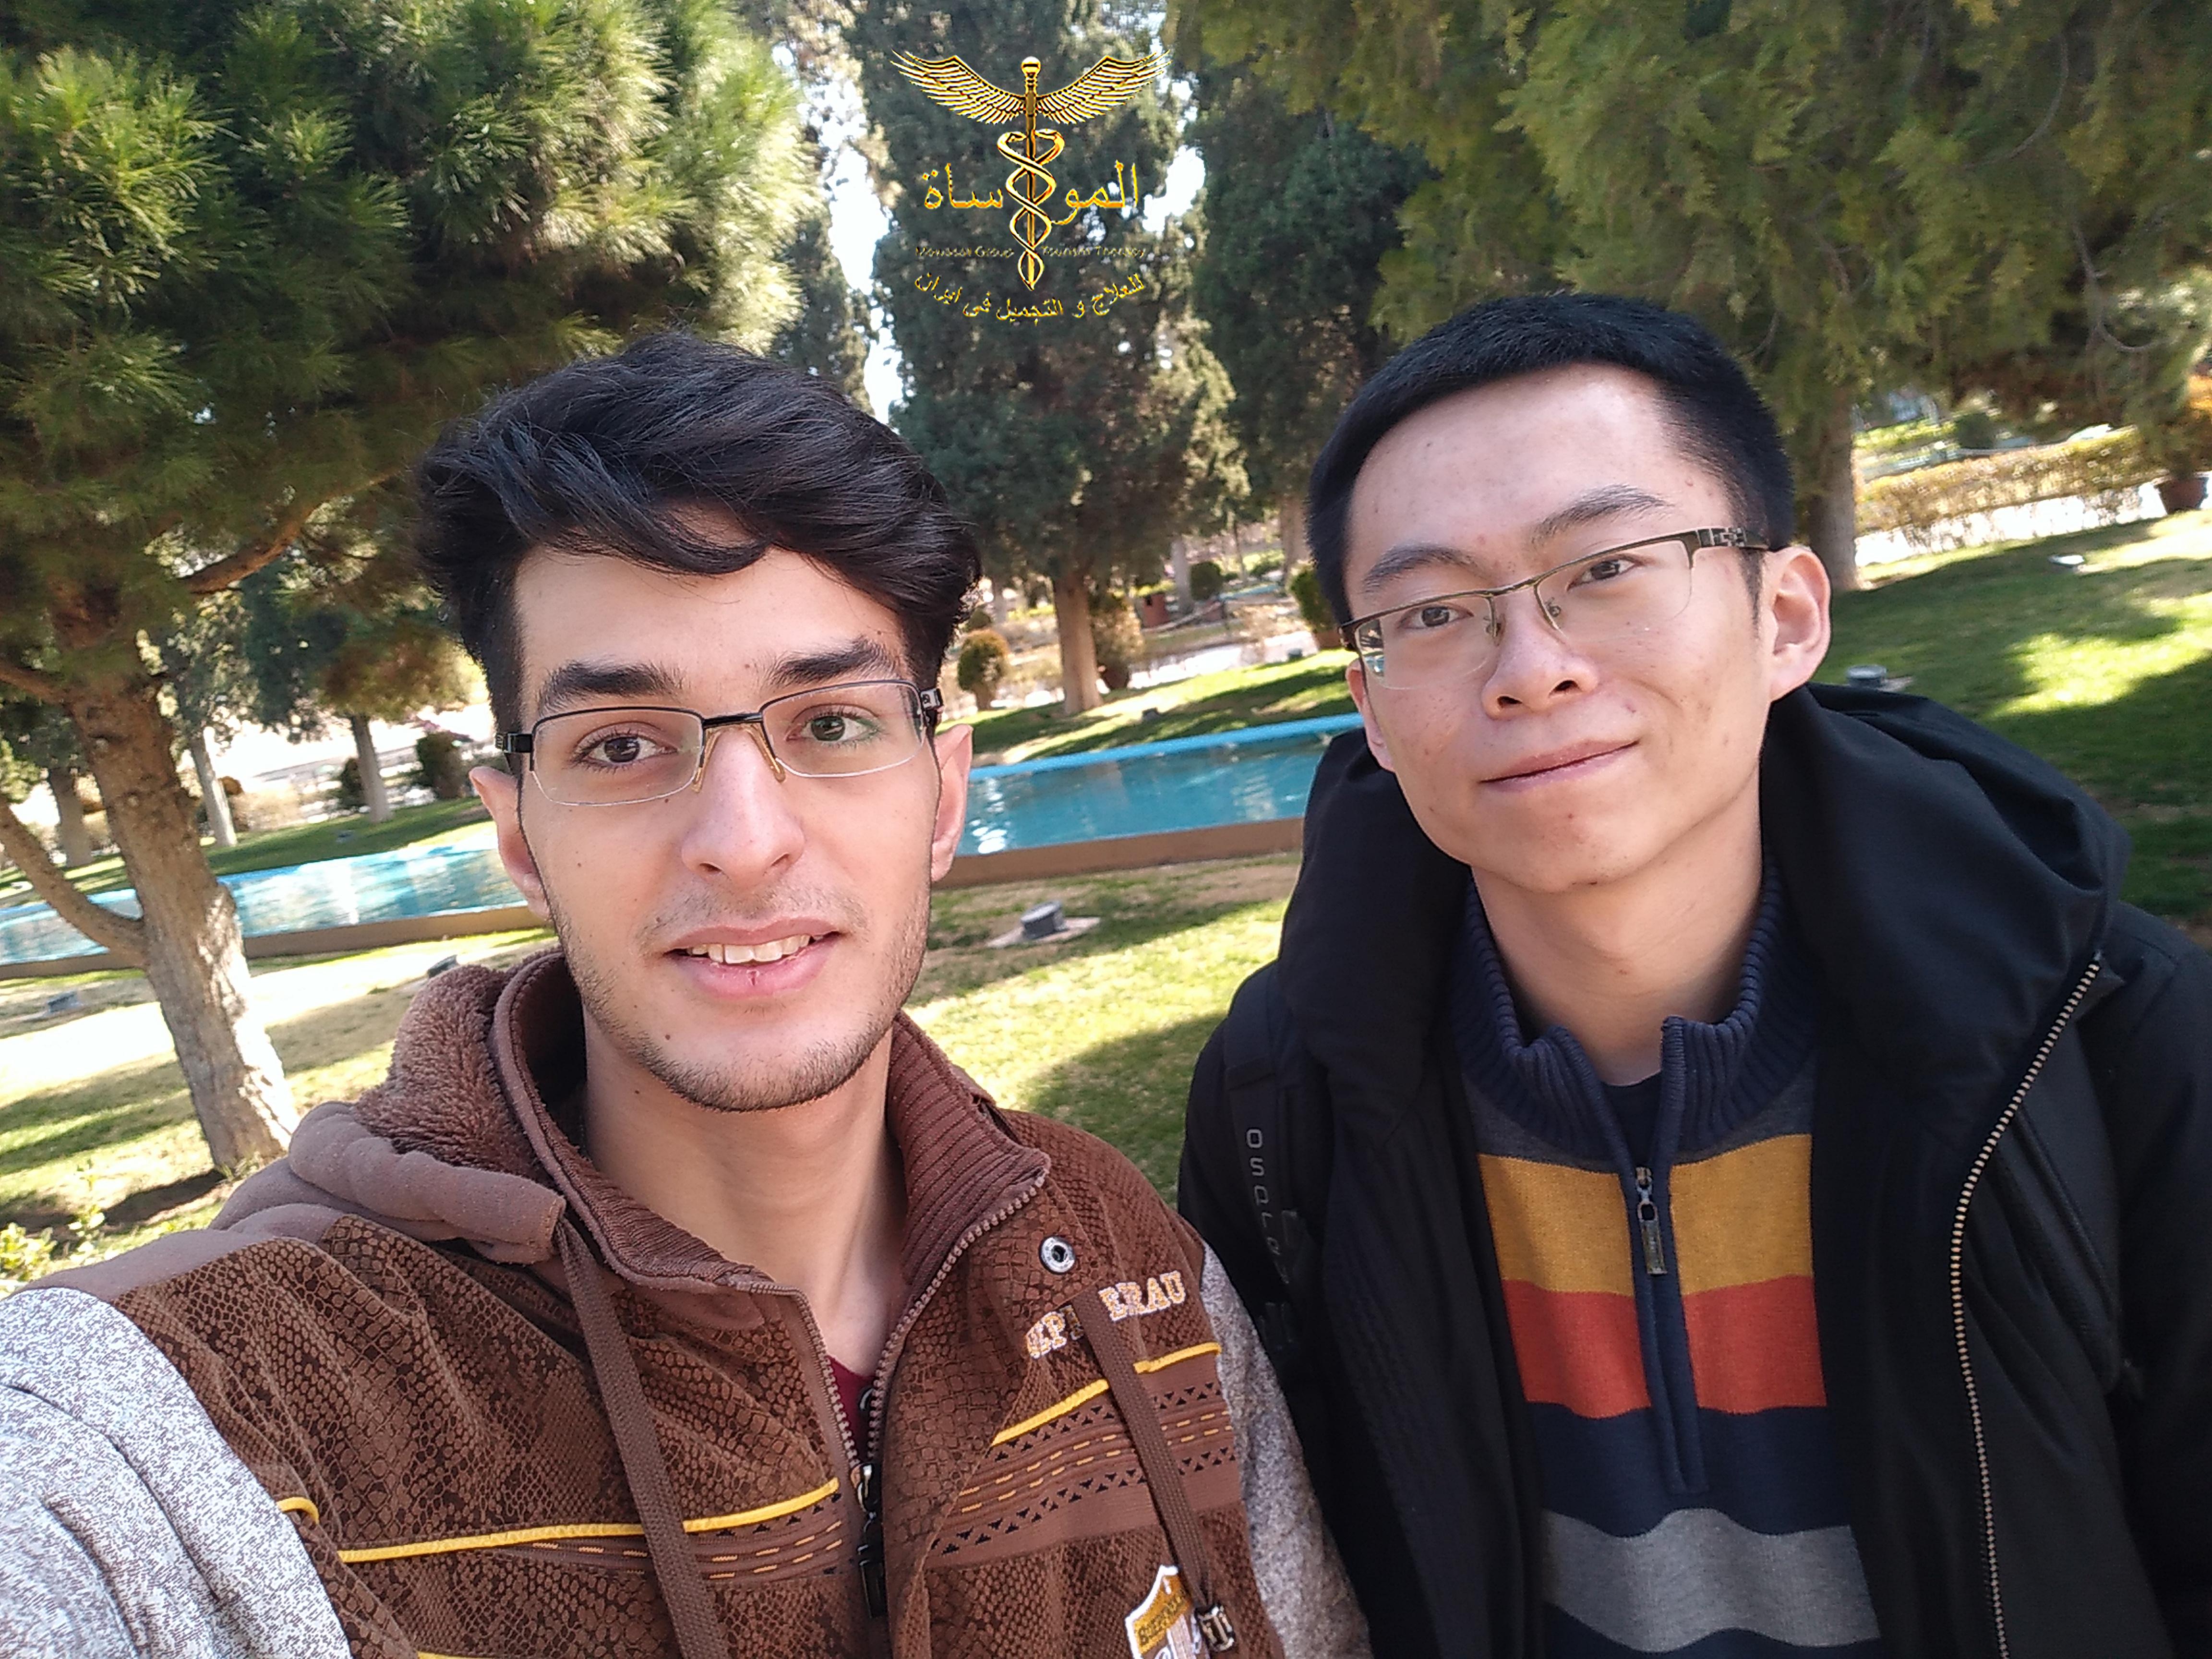 ضيفنا من الصين   السياحة في إيران   شركة المواساة للعلاج و التجميل في إيران